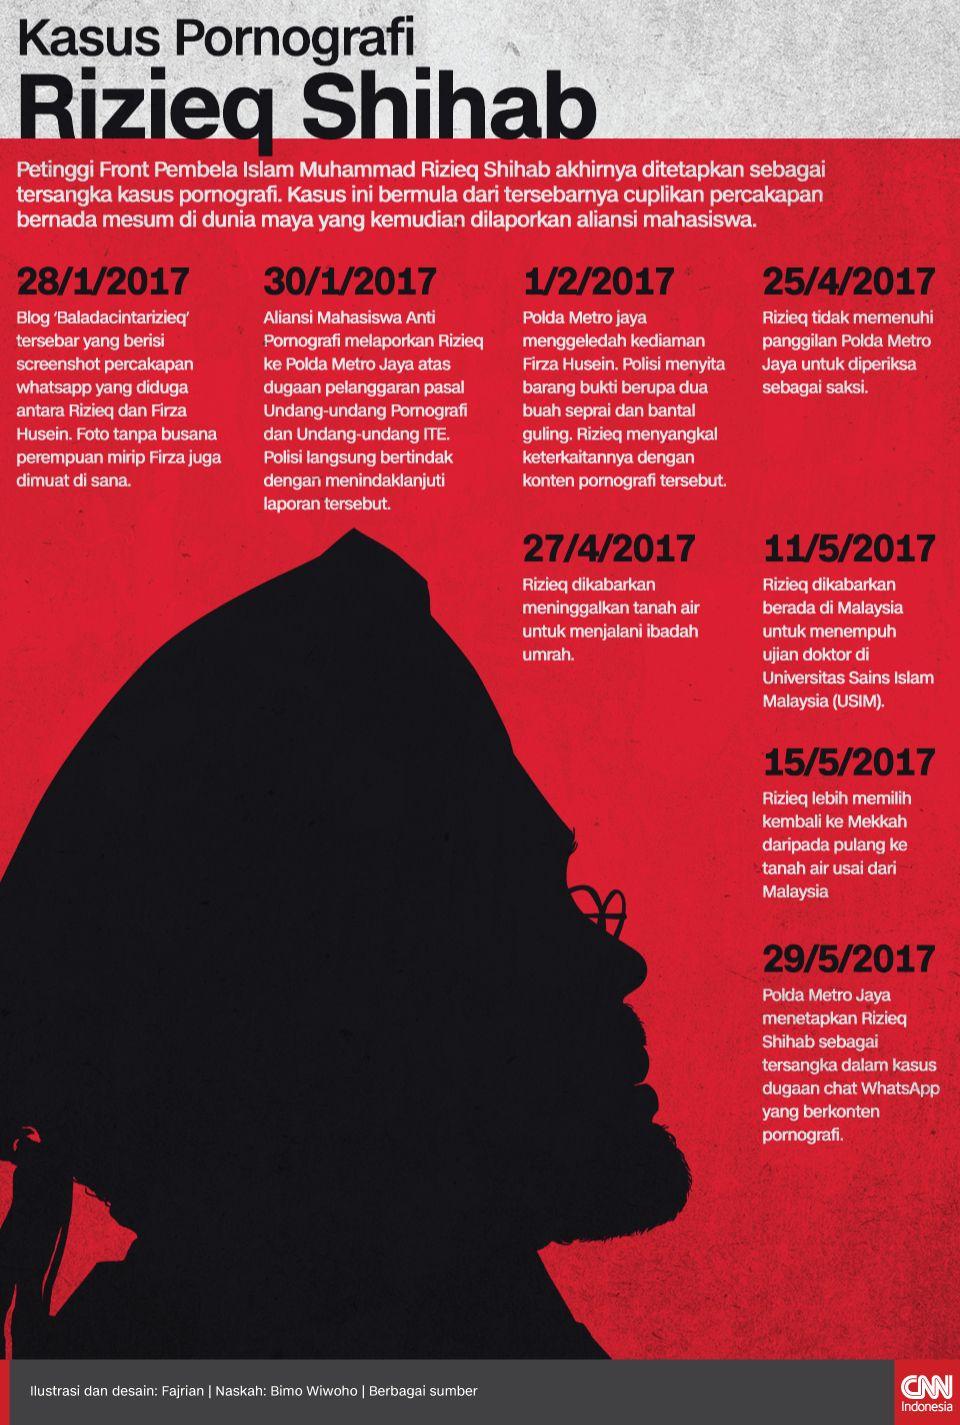 Infografis kasus Pornografi Rizieq Shihab